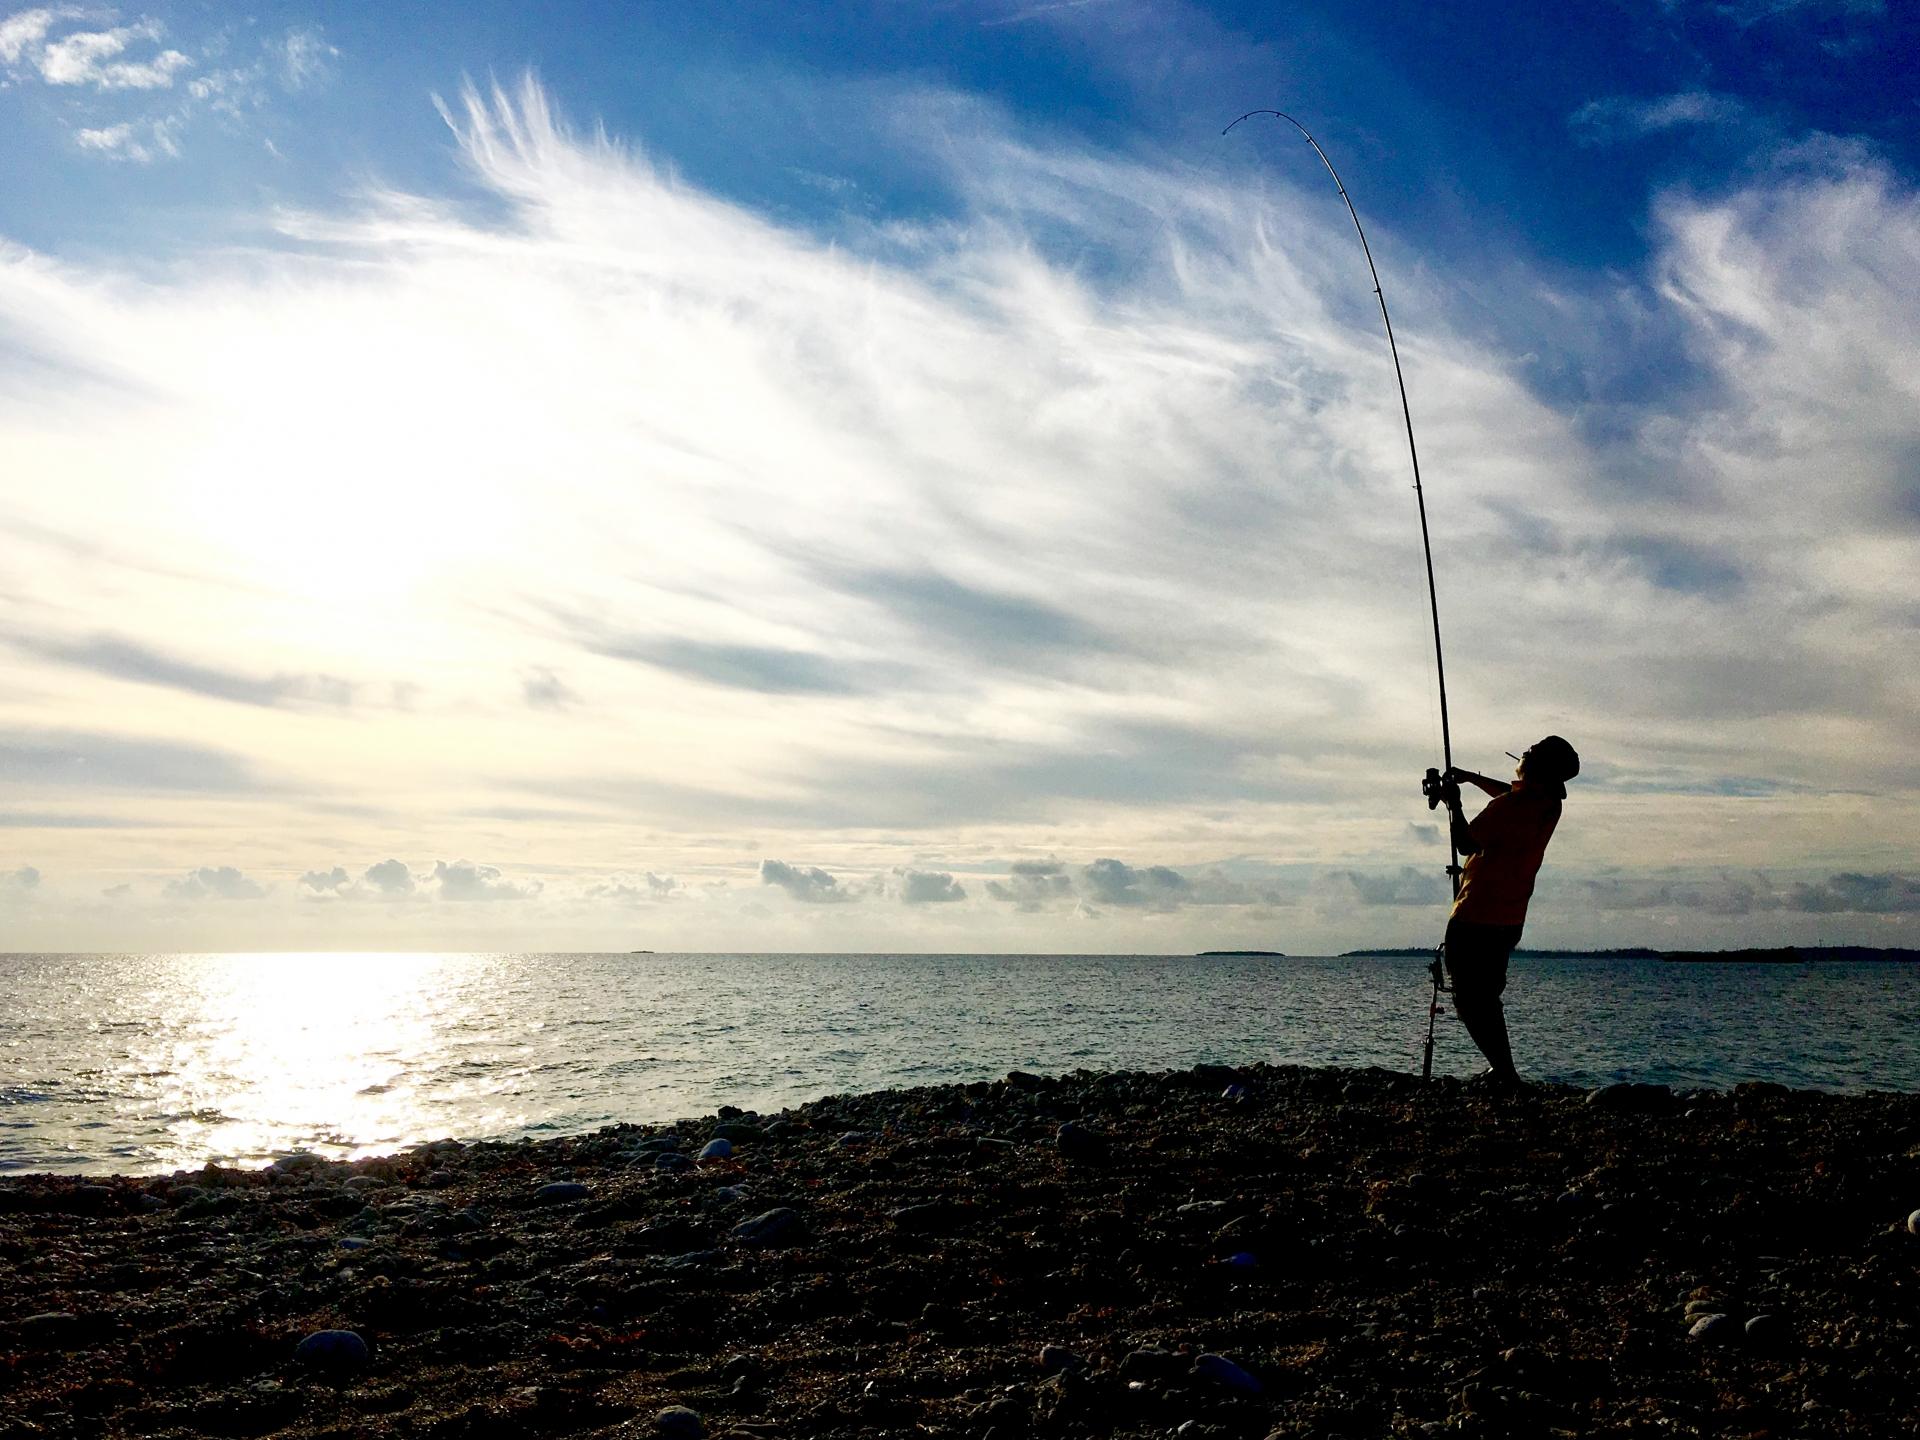 これから釣りを始めるかたに、持参すると便利な道具をご紹介します!